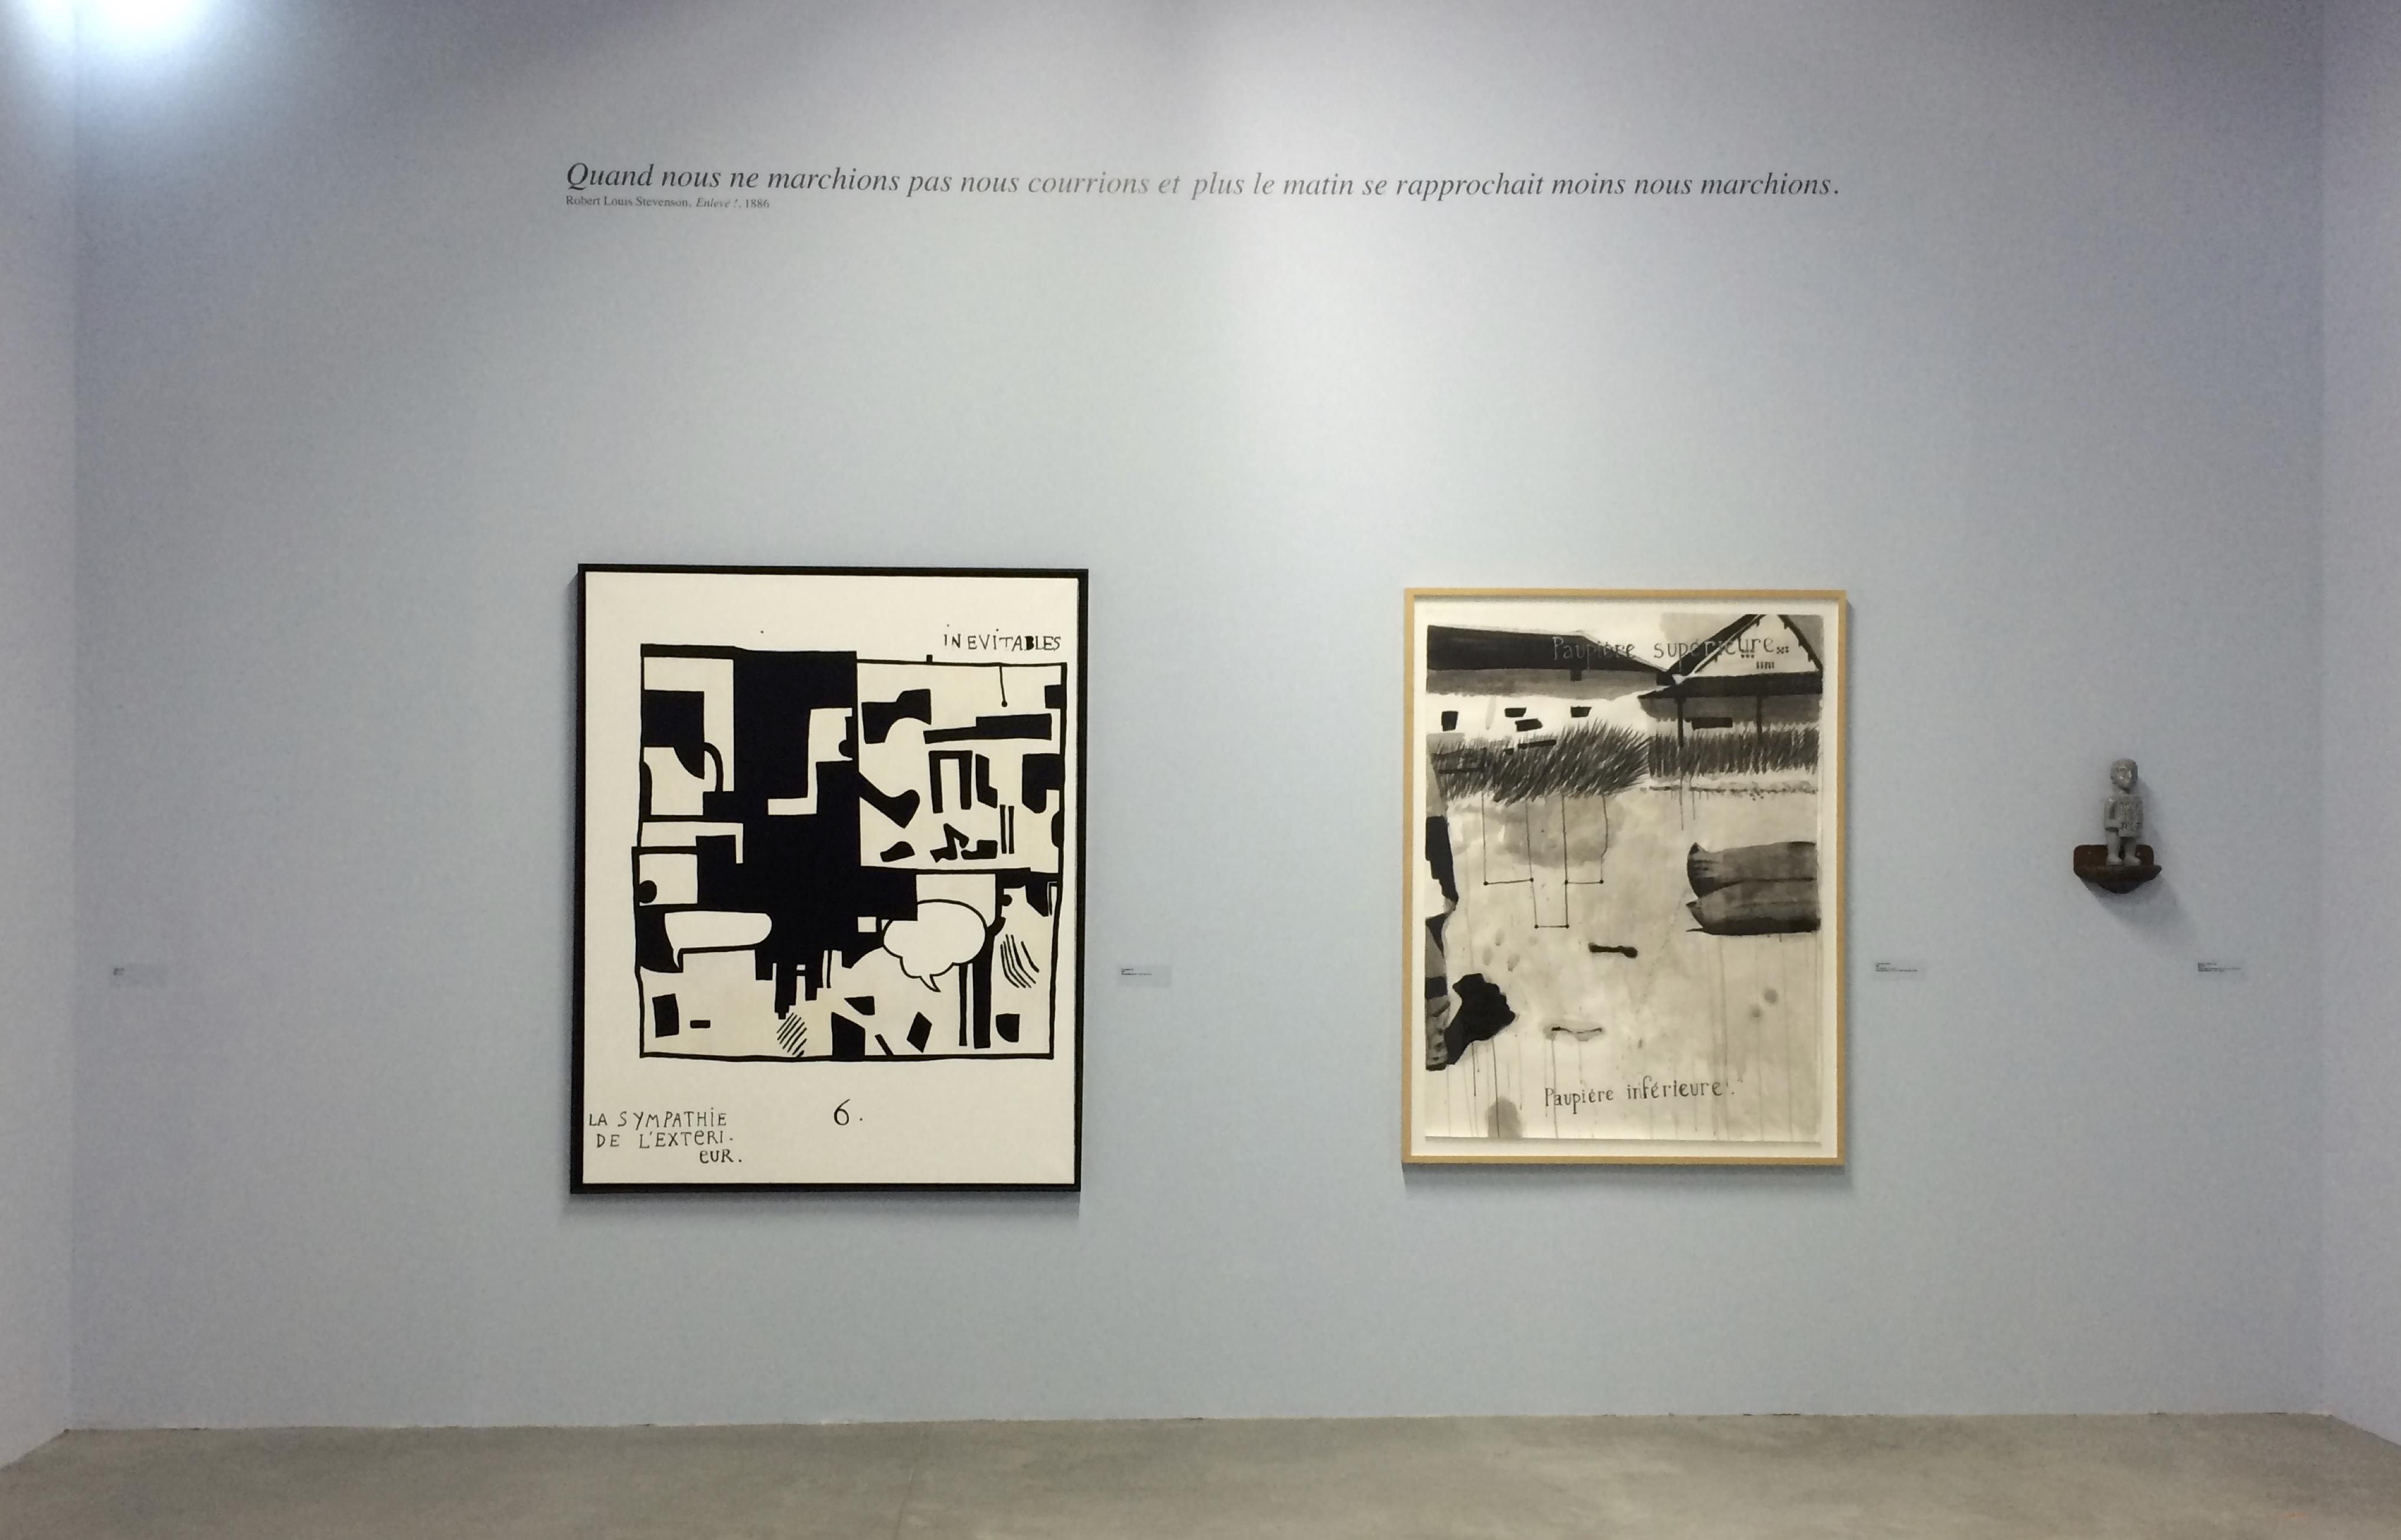 Vue de l'exposition L'Aventure des détails, Palais de Tokyo, 2016